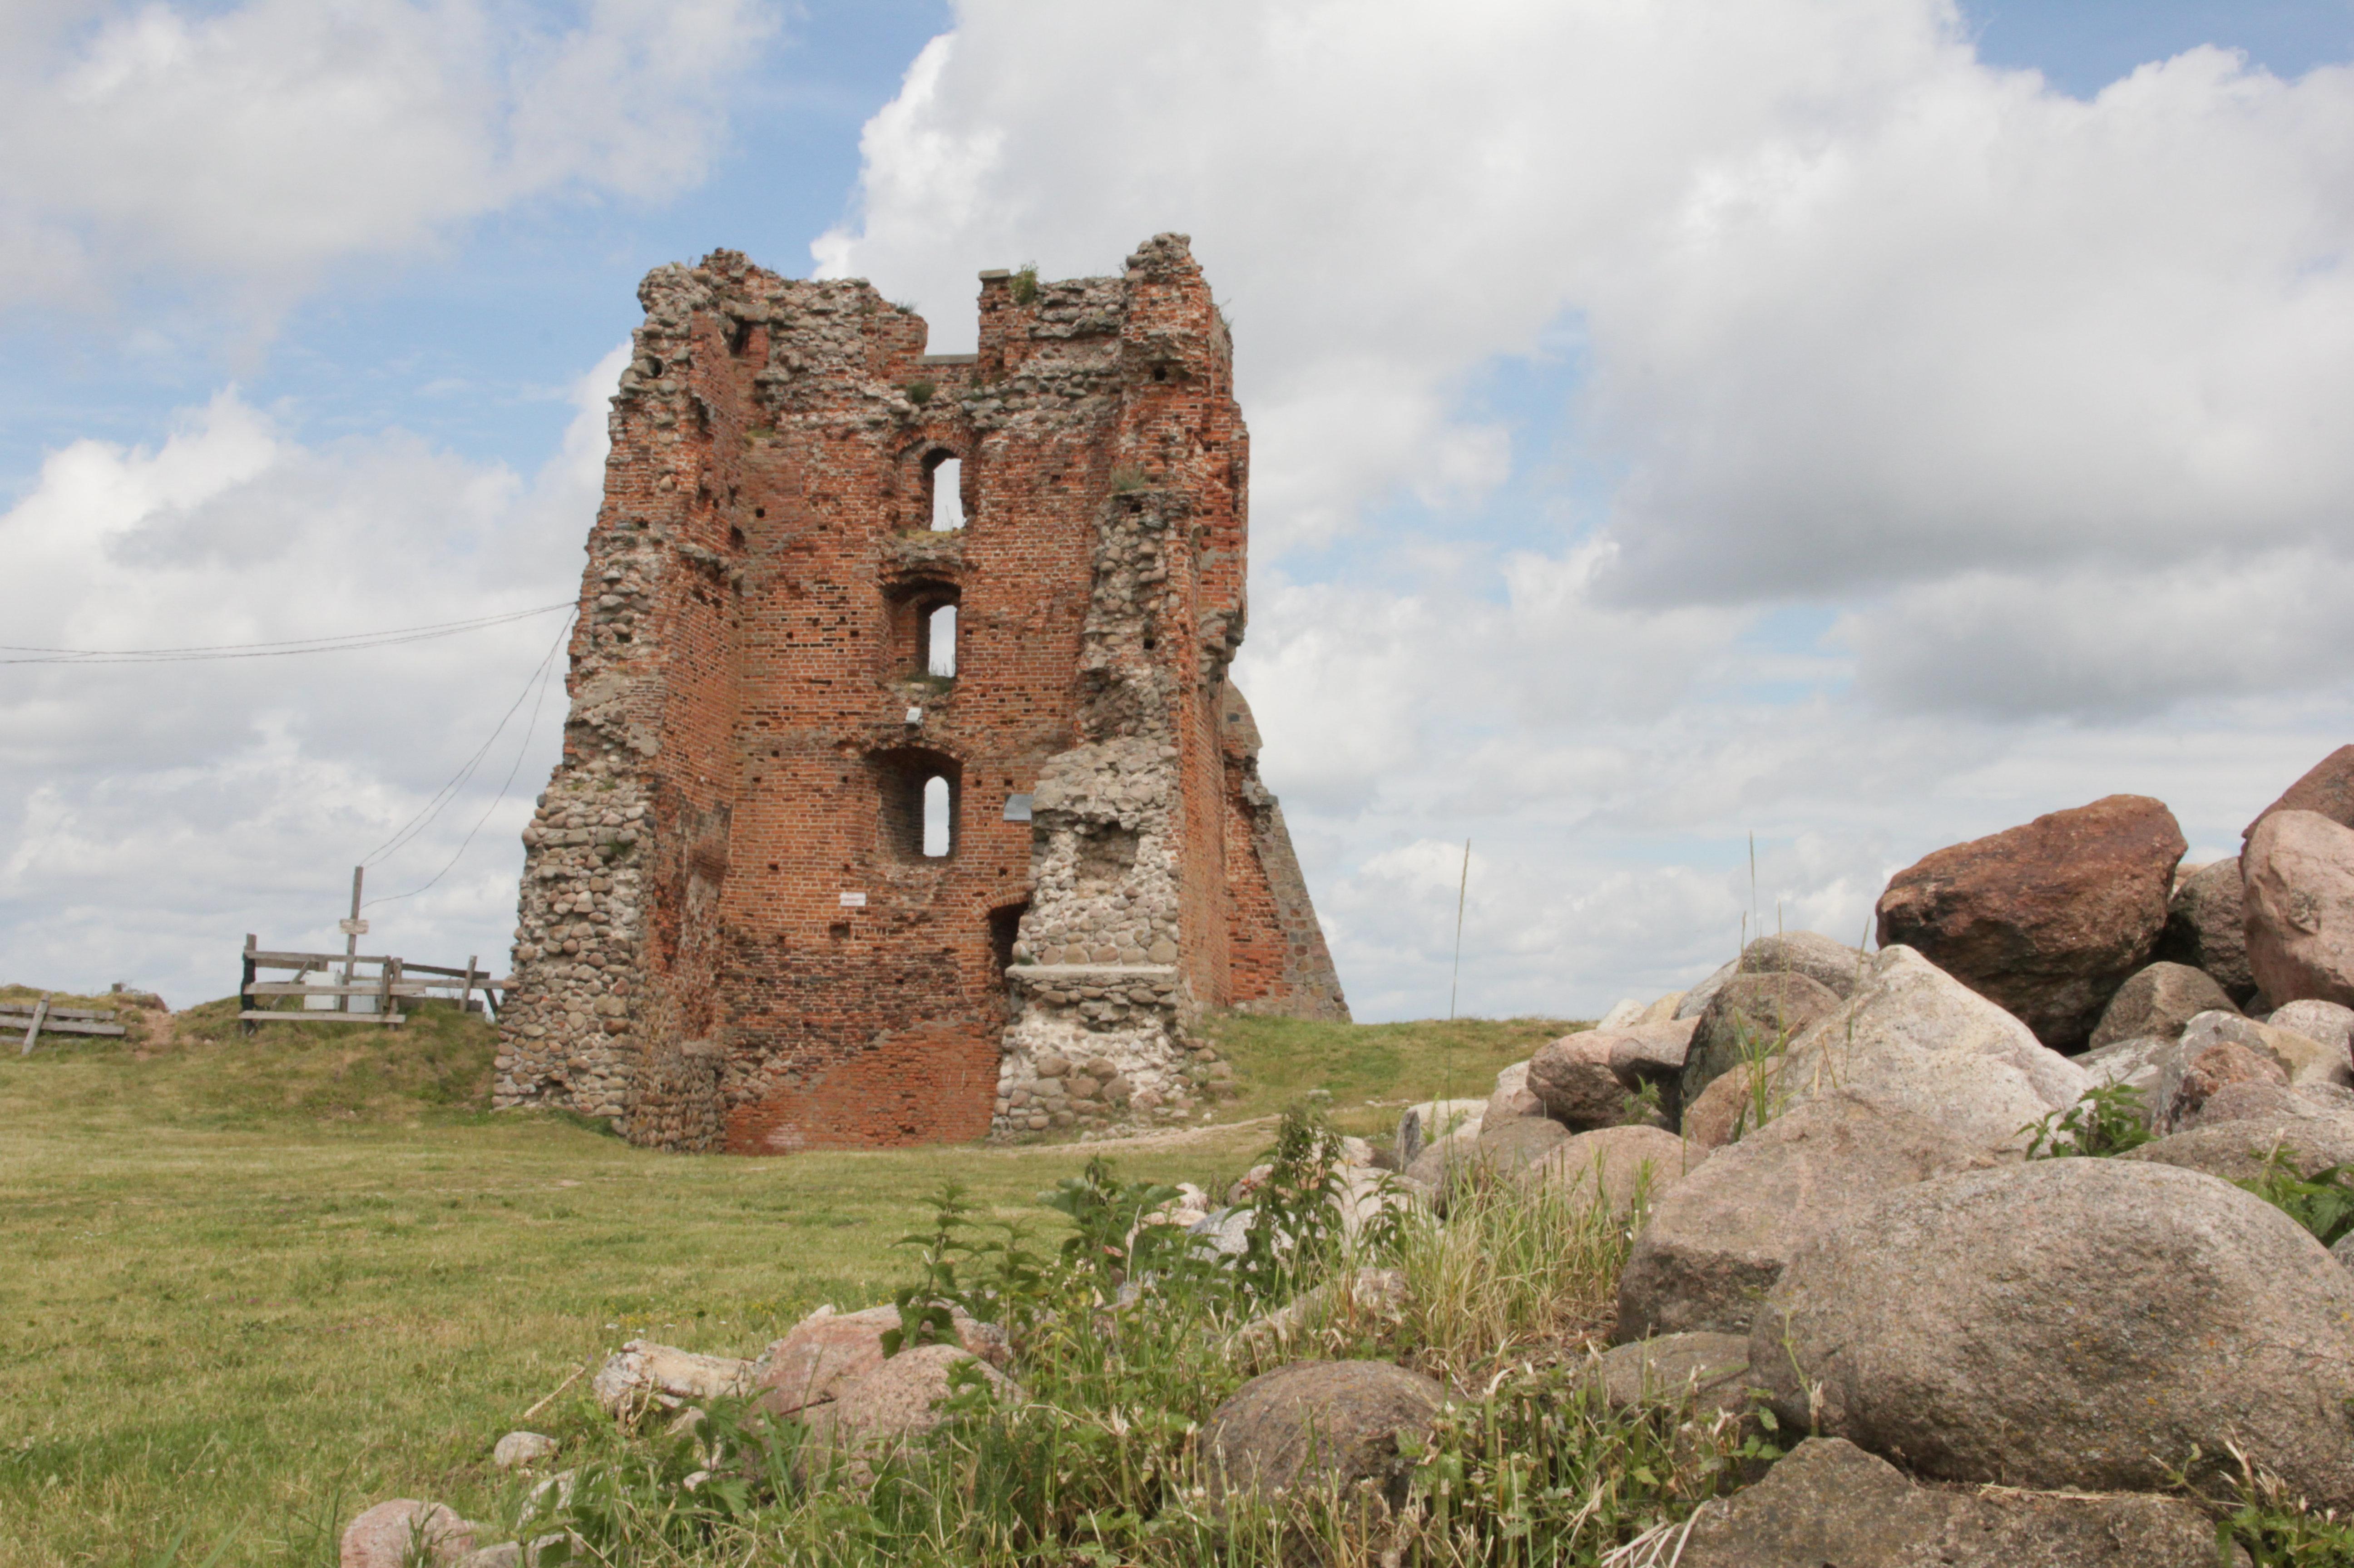 Руины Новогрудского замка видели немало трагедий